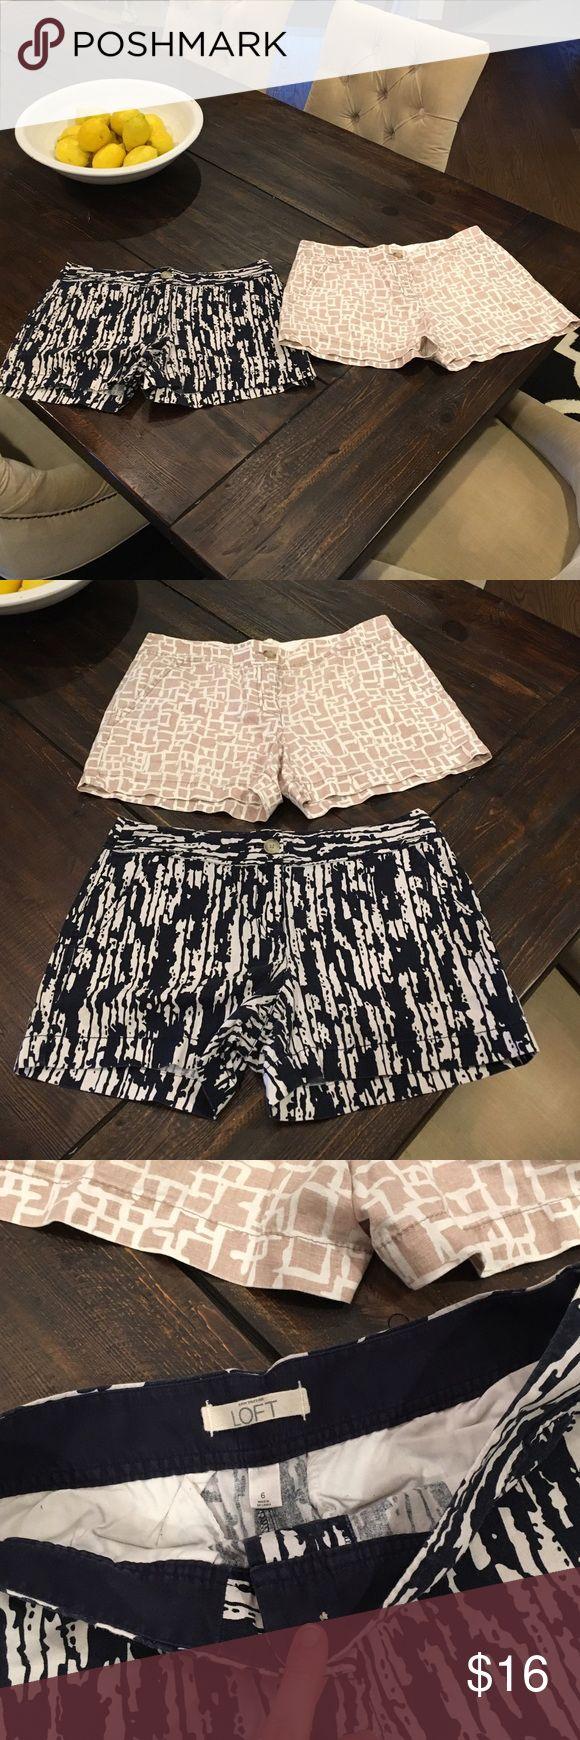 Linen Anne Taylor Loft shorts size 6 Linen Anne Taylor loft shorts size 6. Super comfy! LOFT Shorts